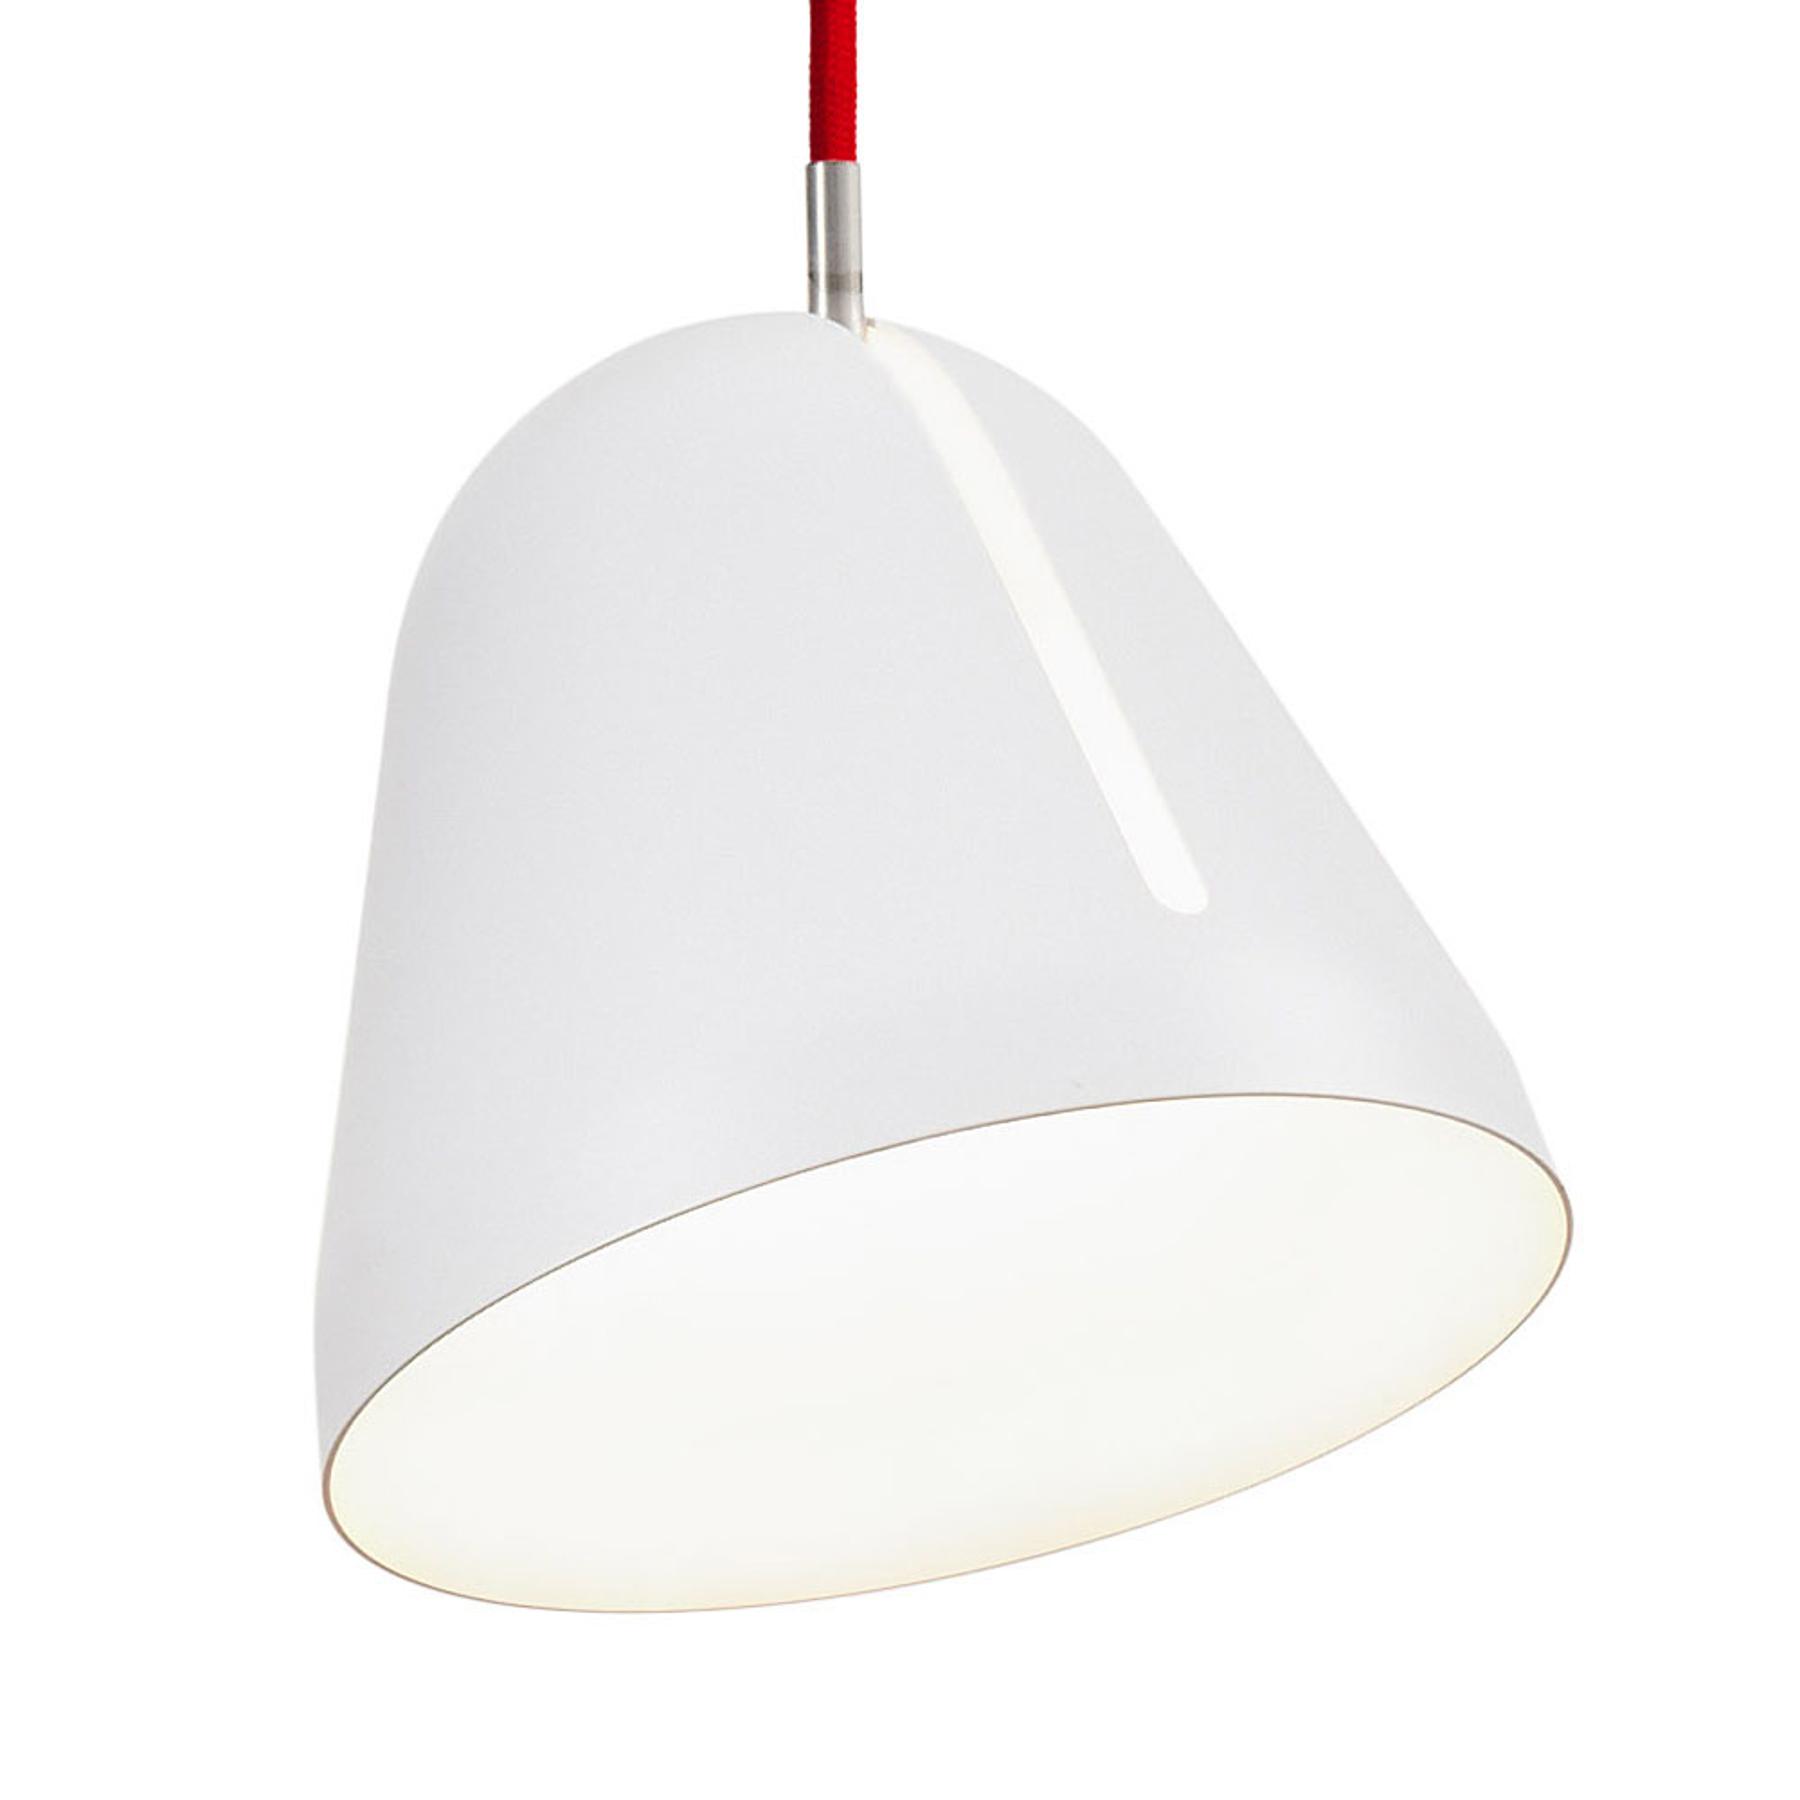 Nyta Tilt S lampa wisząca kabel 3m czerwony, biały